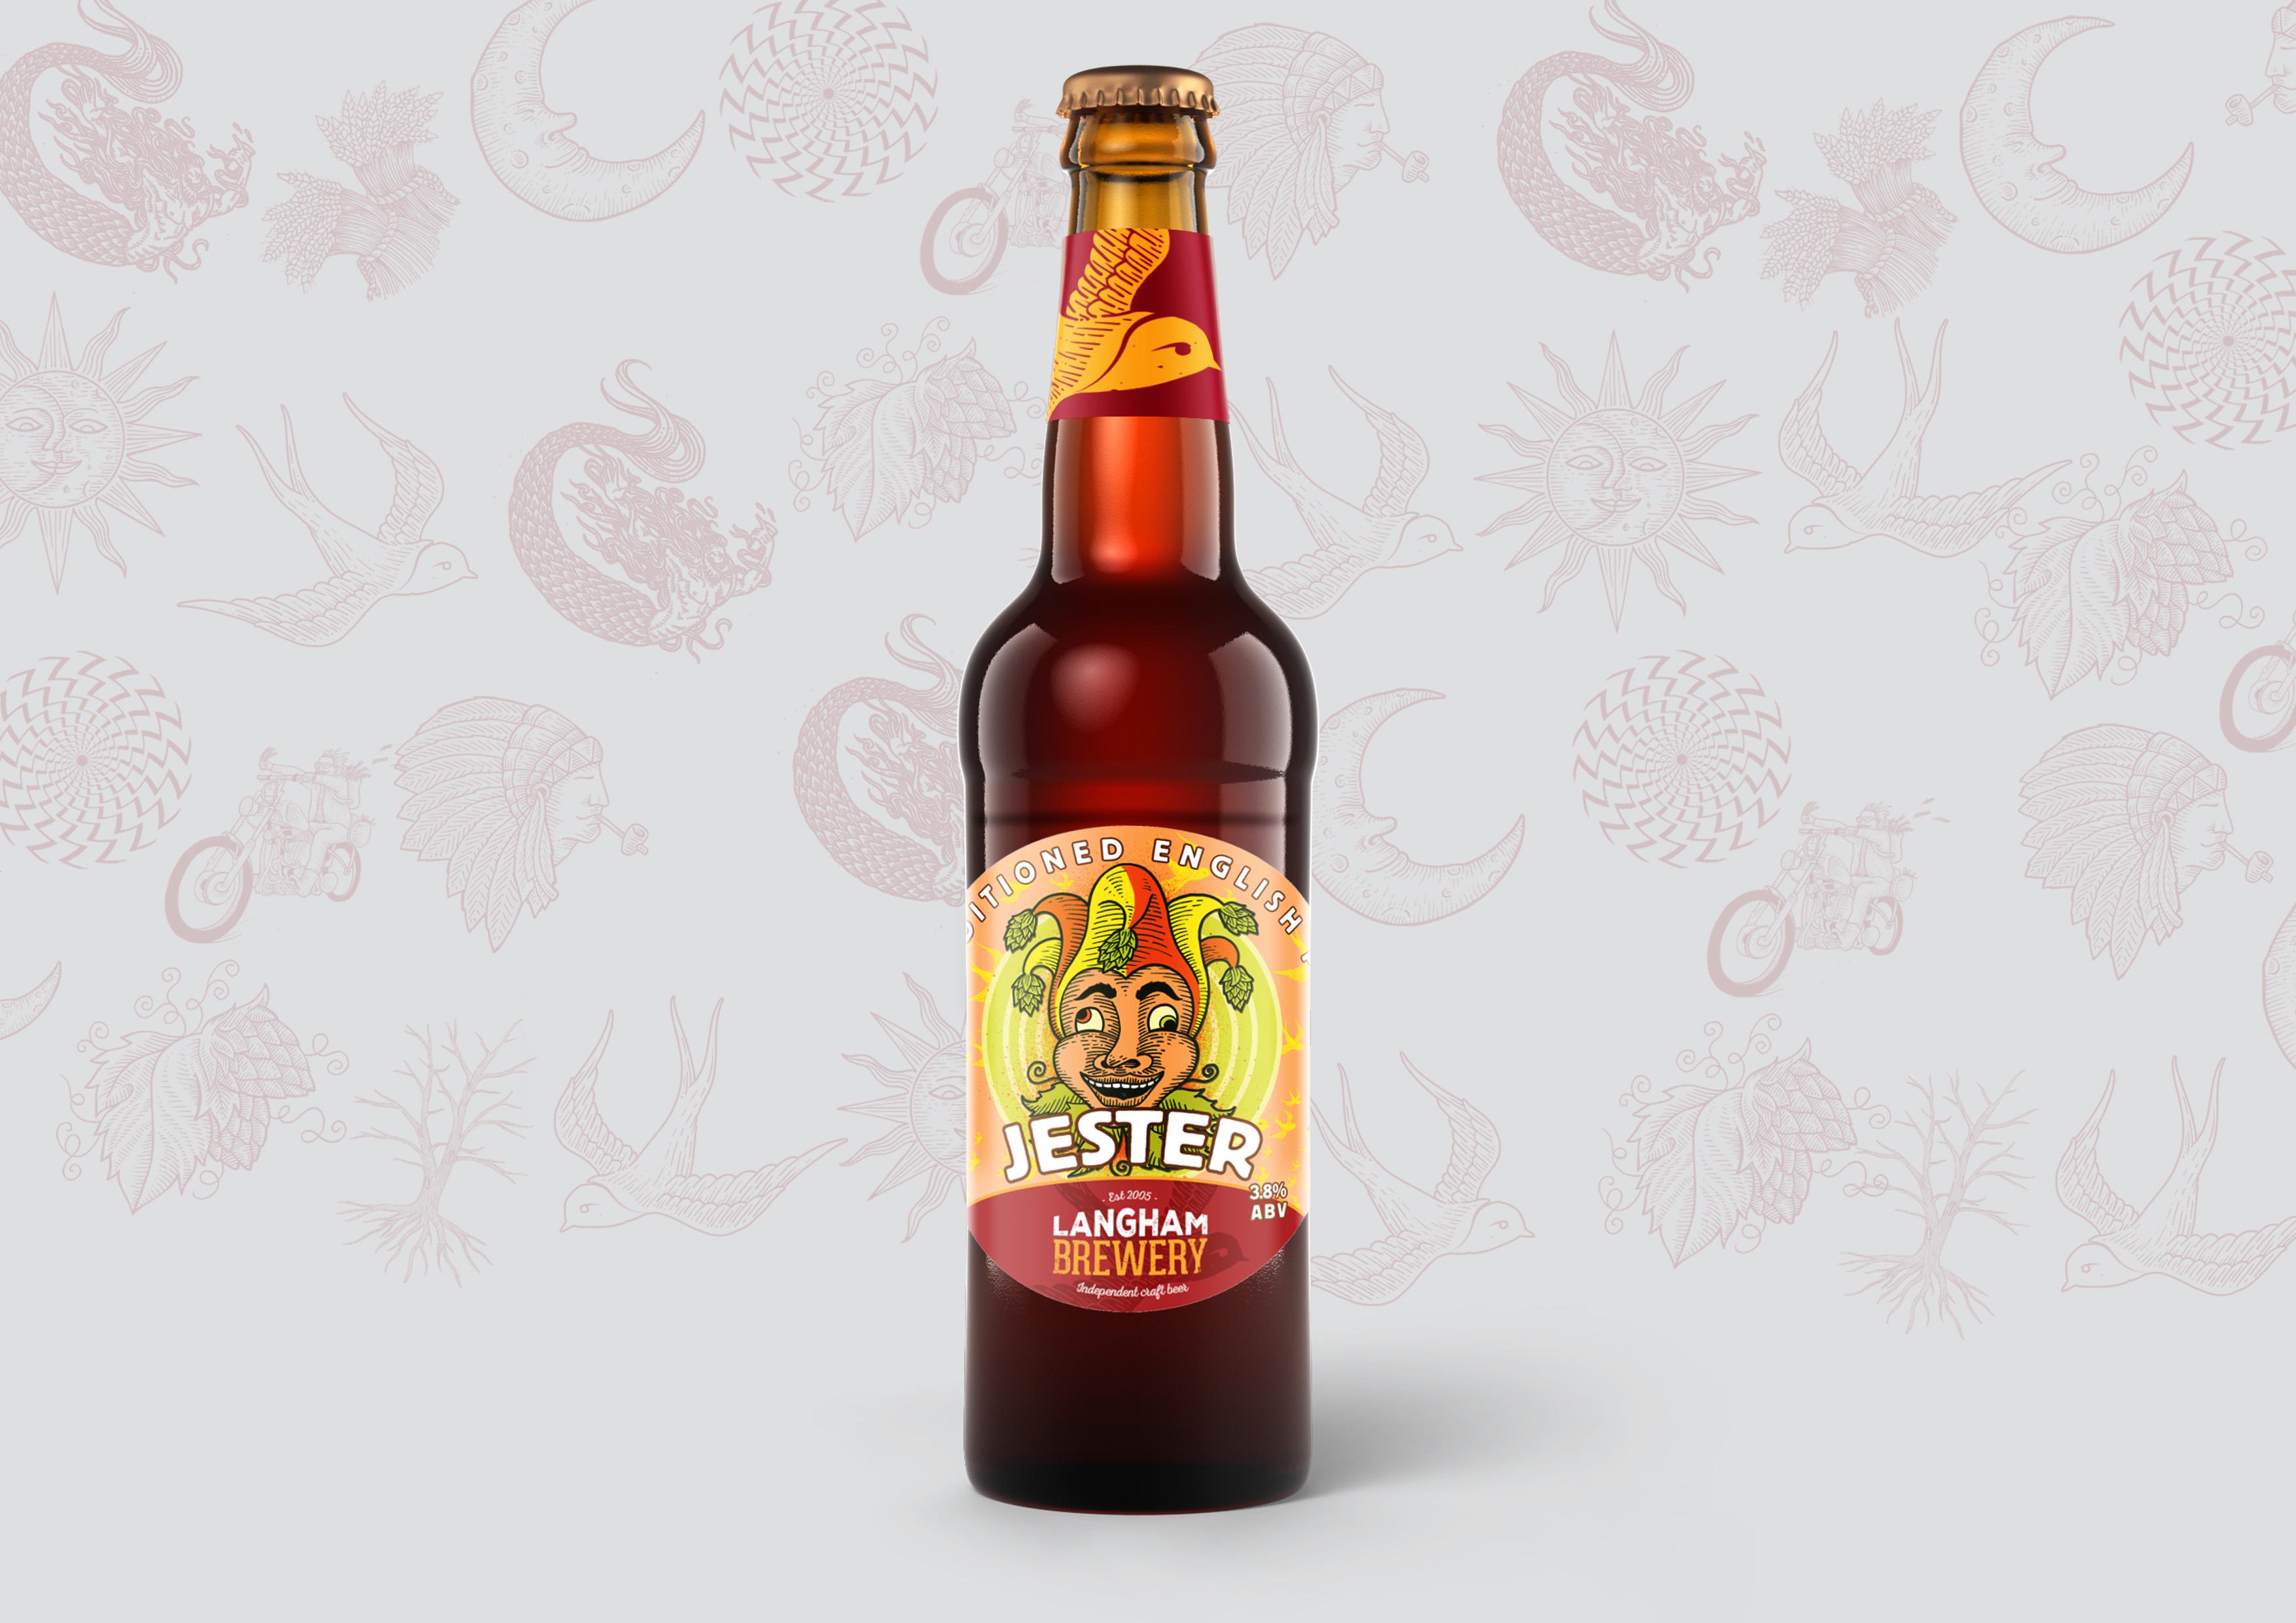 Jester Hops Bottle